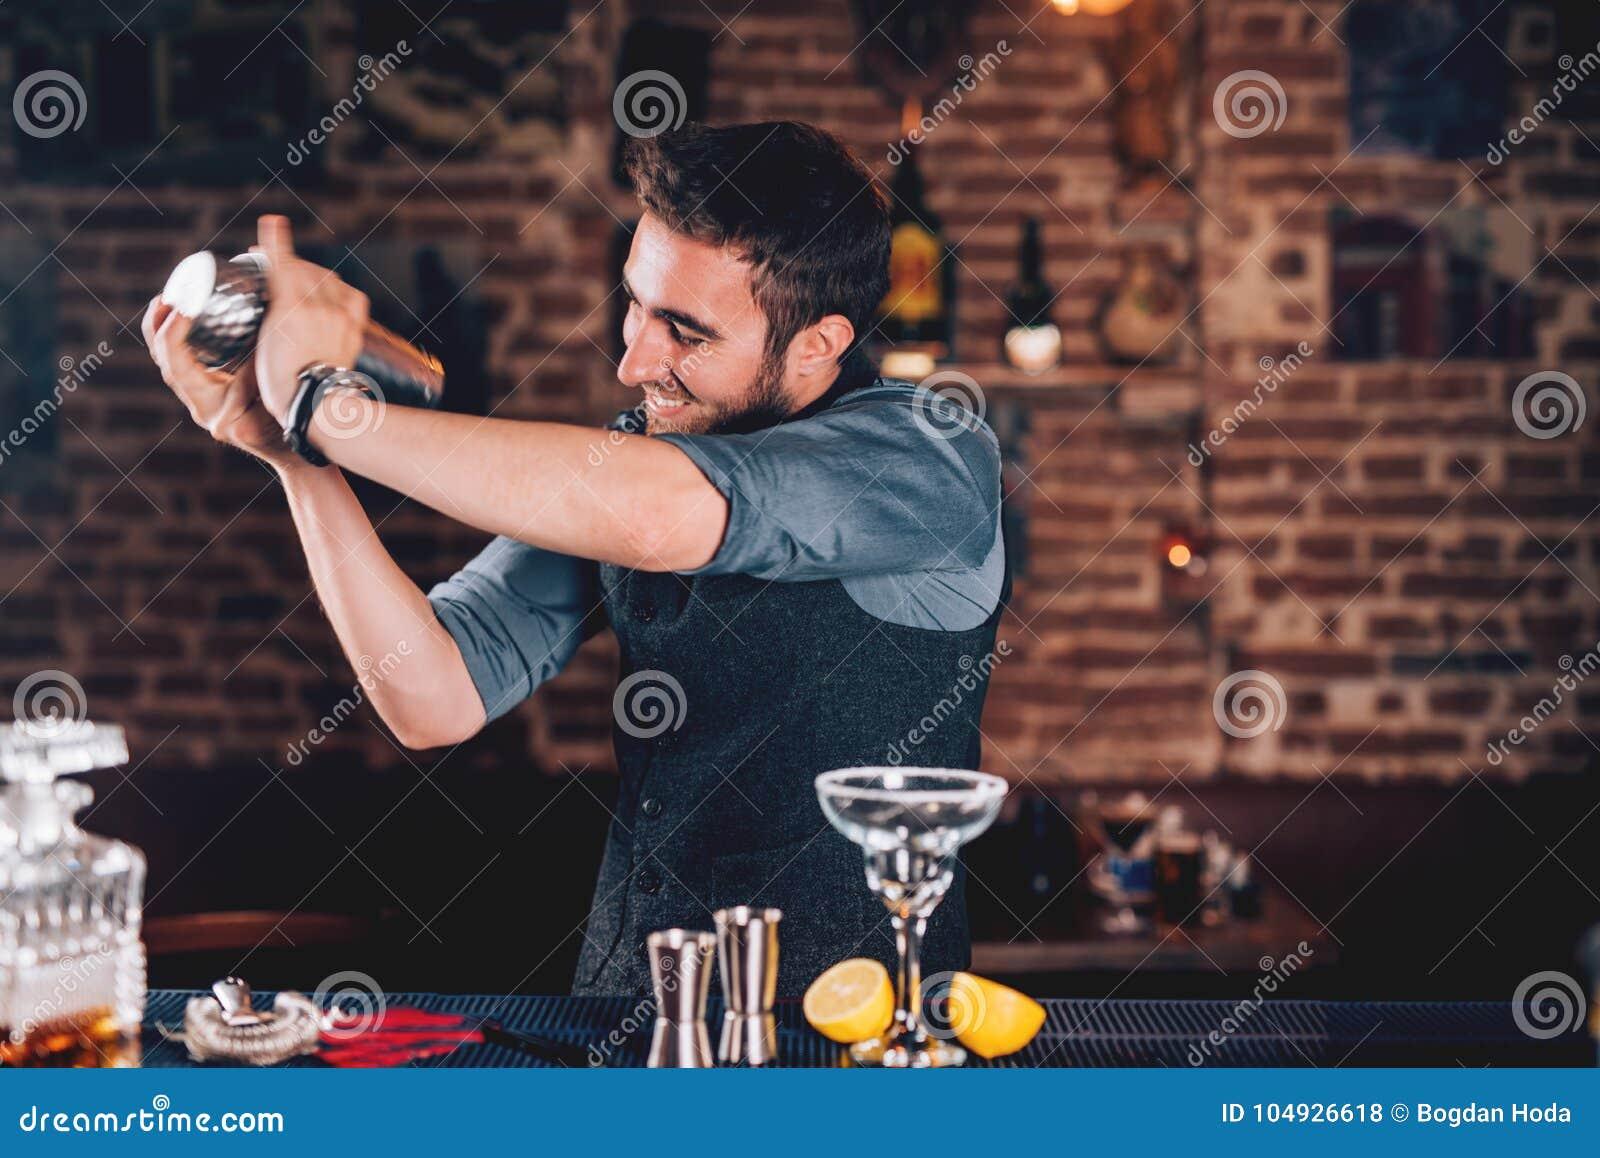 Barman heureux à l aide du dispositif trembleur pour la préparation de cocktail Le portrait du barman faisant la tequila a basé l